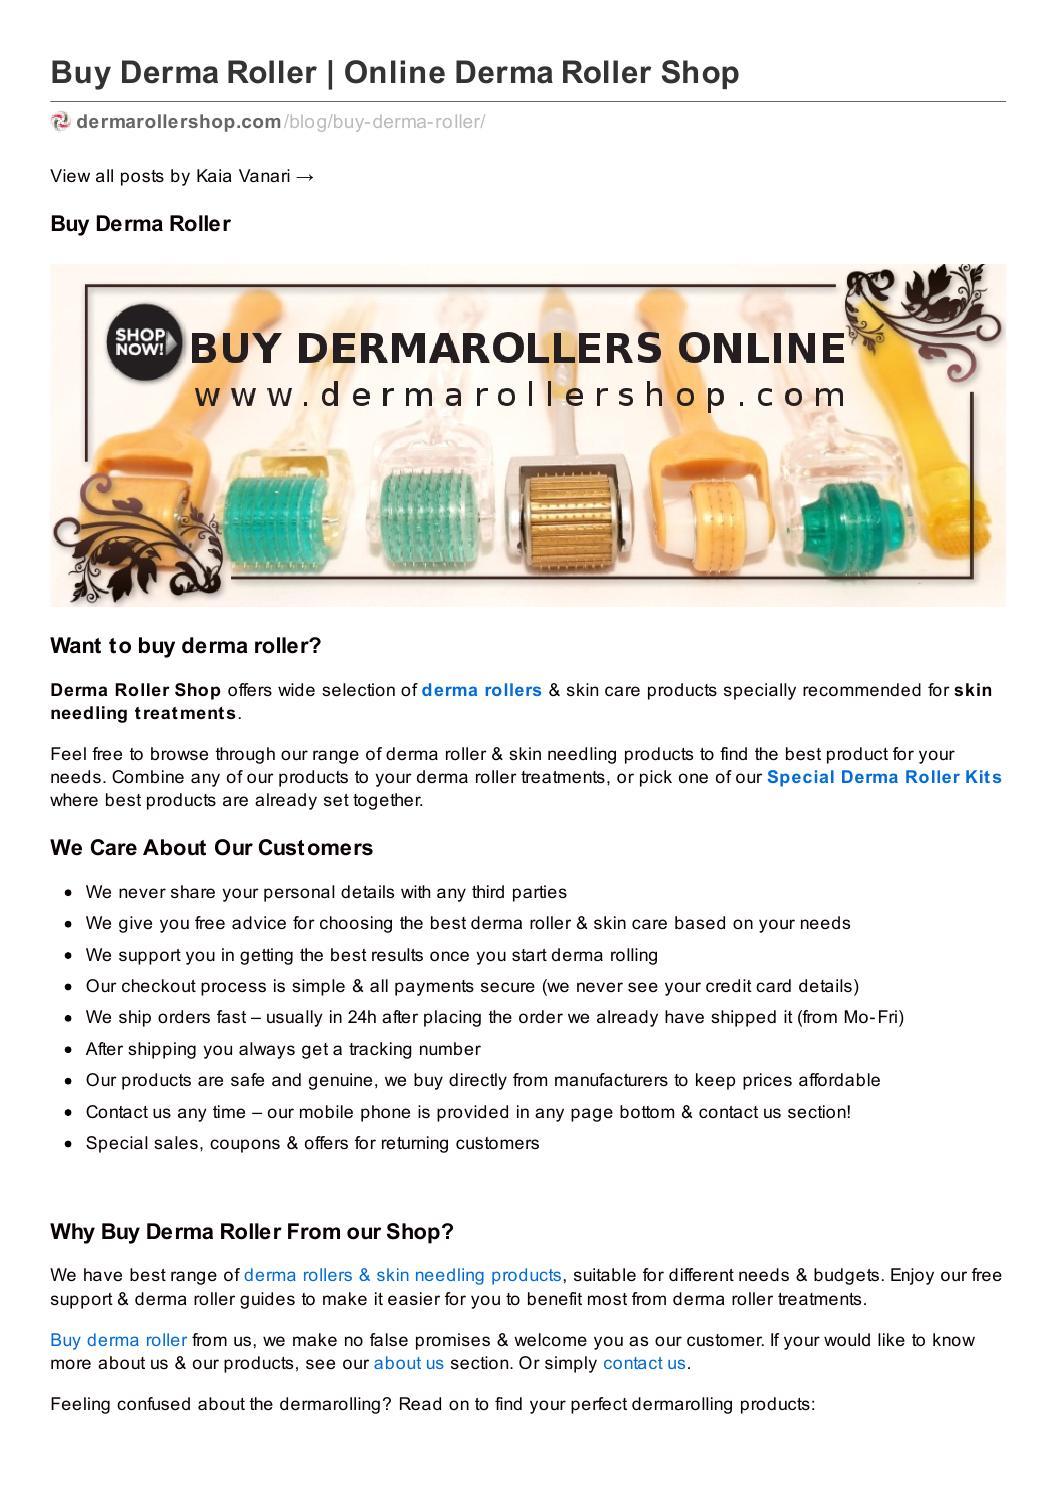 Dermarollershop Com Buy Dermaroller Online By Kaia Vanari Issuu